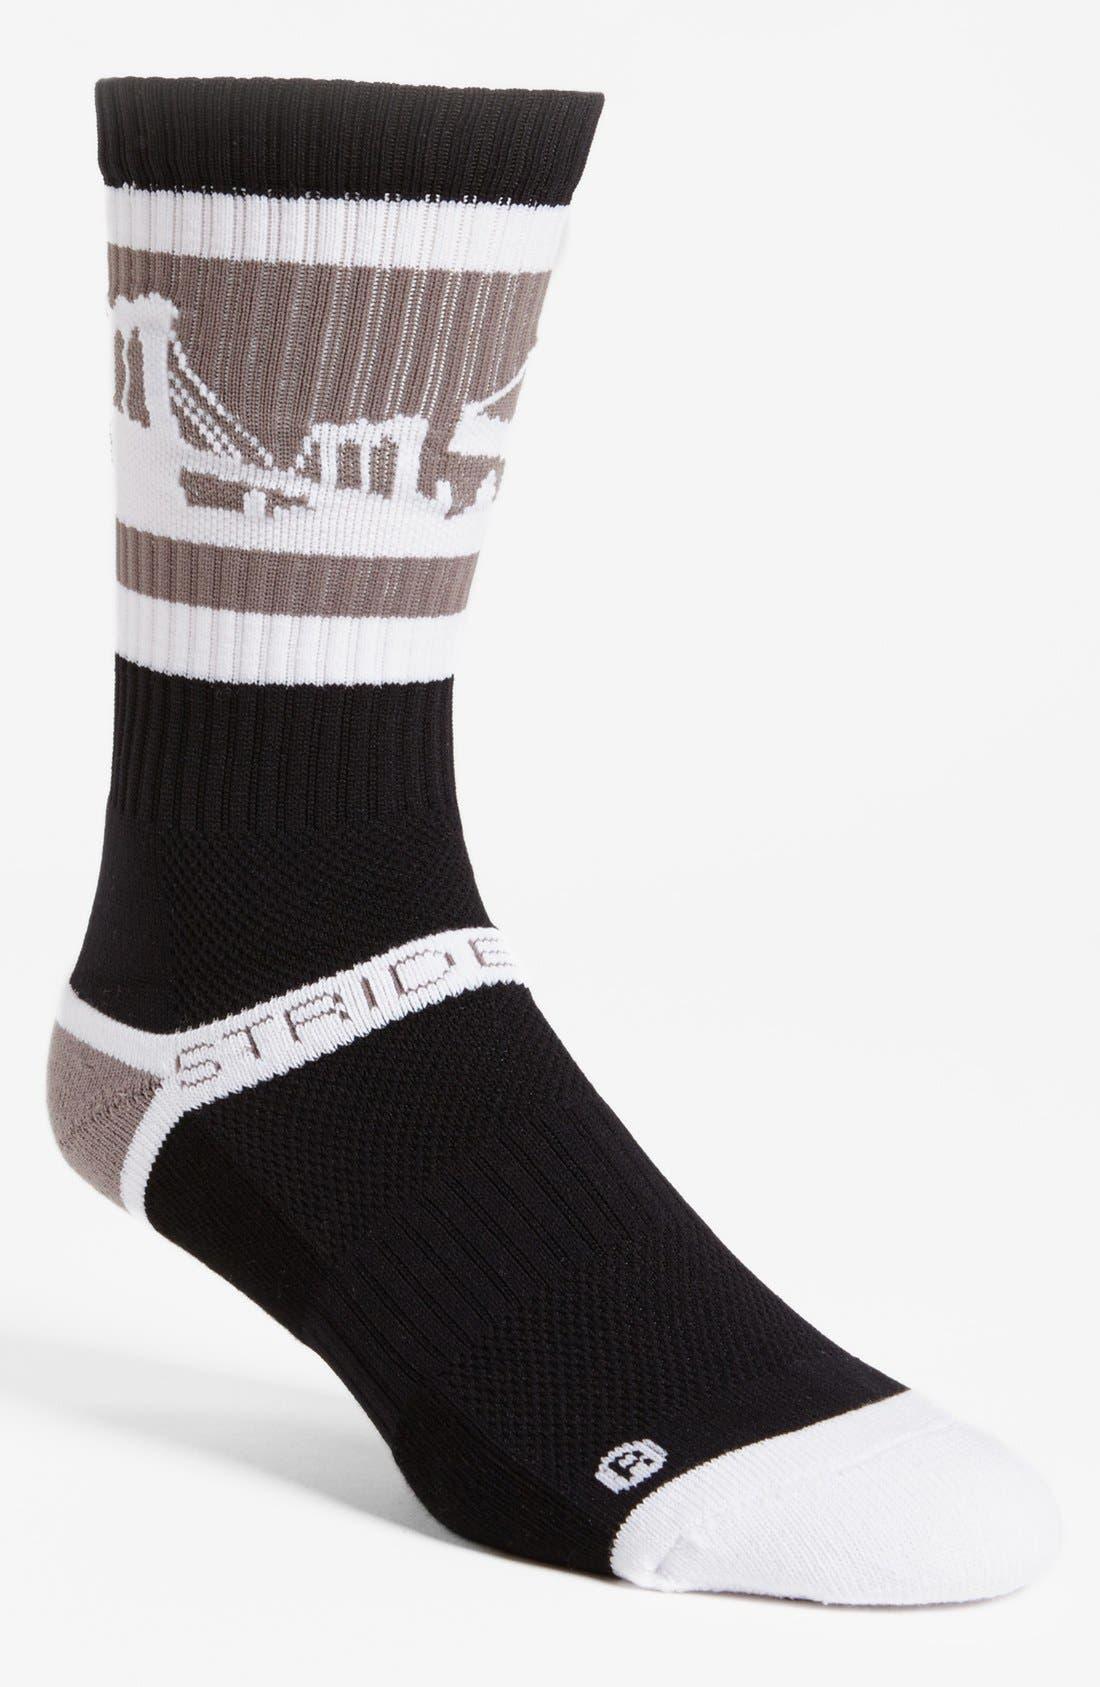 Alternate Image 1 Selected - STRIDELINE 'Brooklyn' Socks